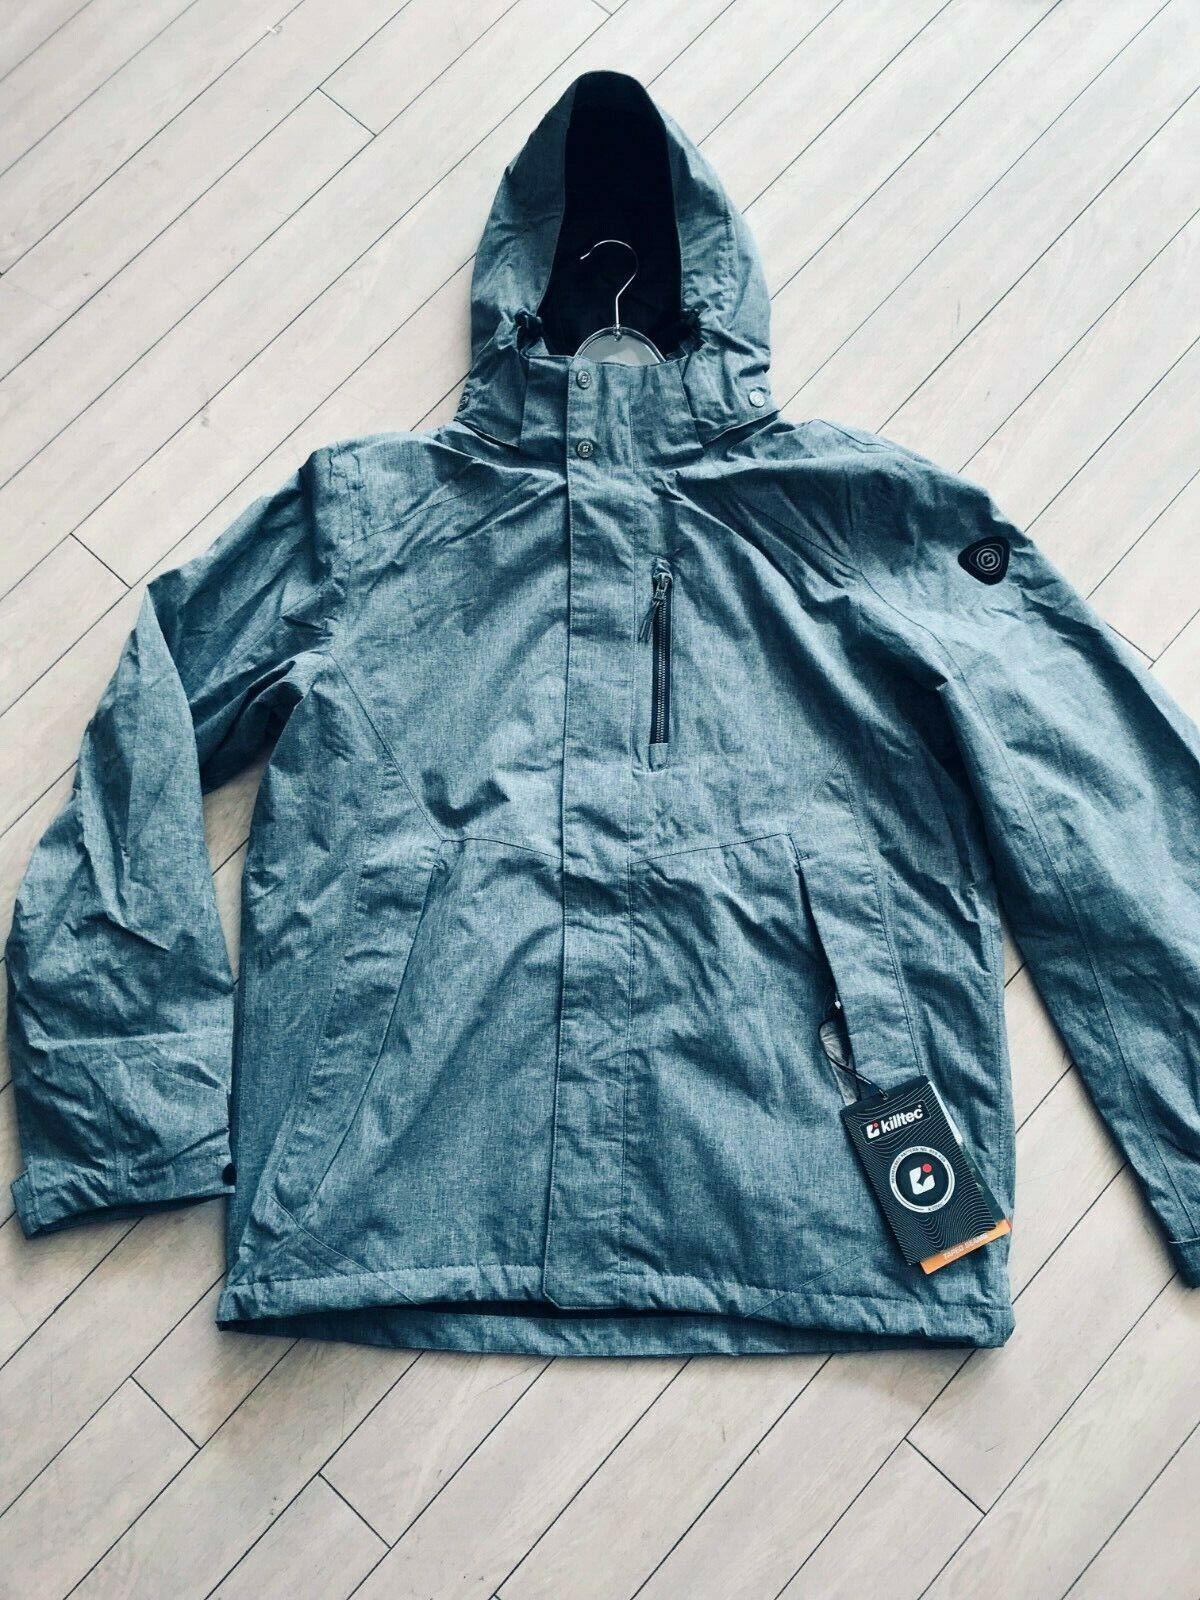 Killtec Outdoor Jacke  LEFOS 1 Gr.  XL  wasserdicht  FB Blau-grau